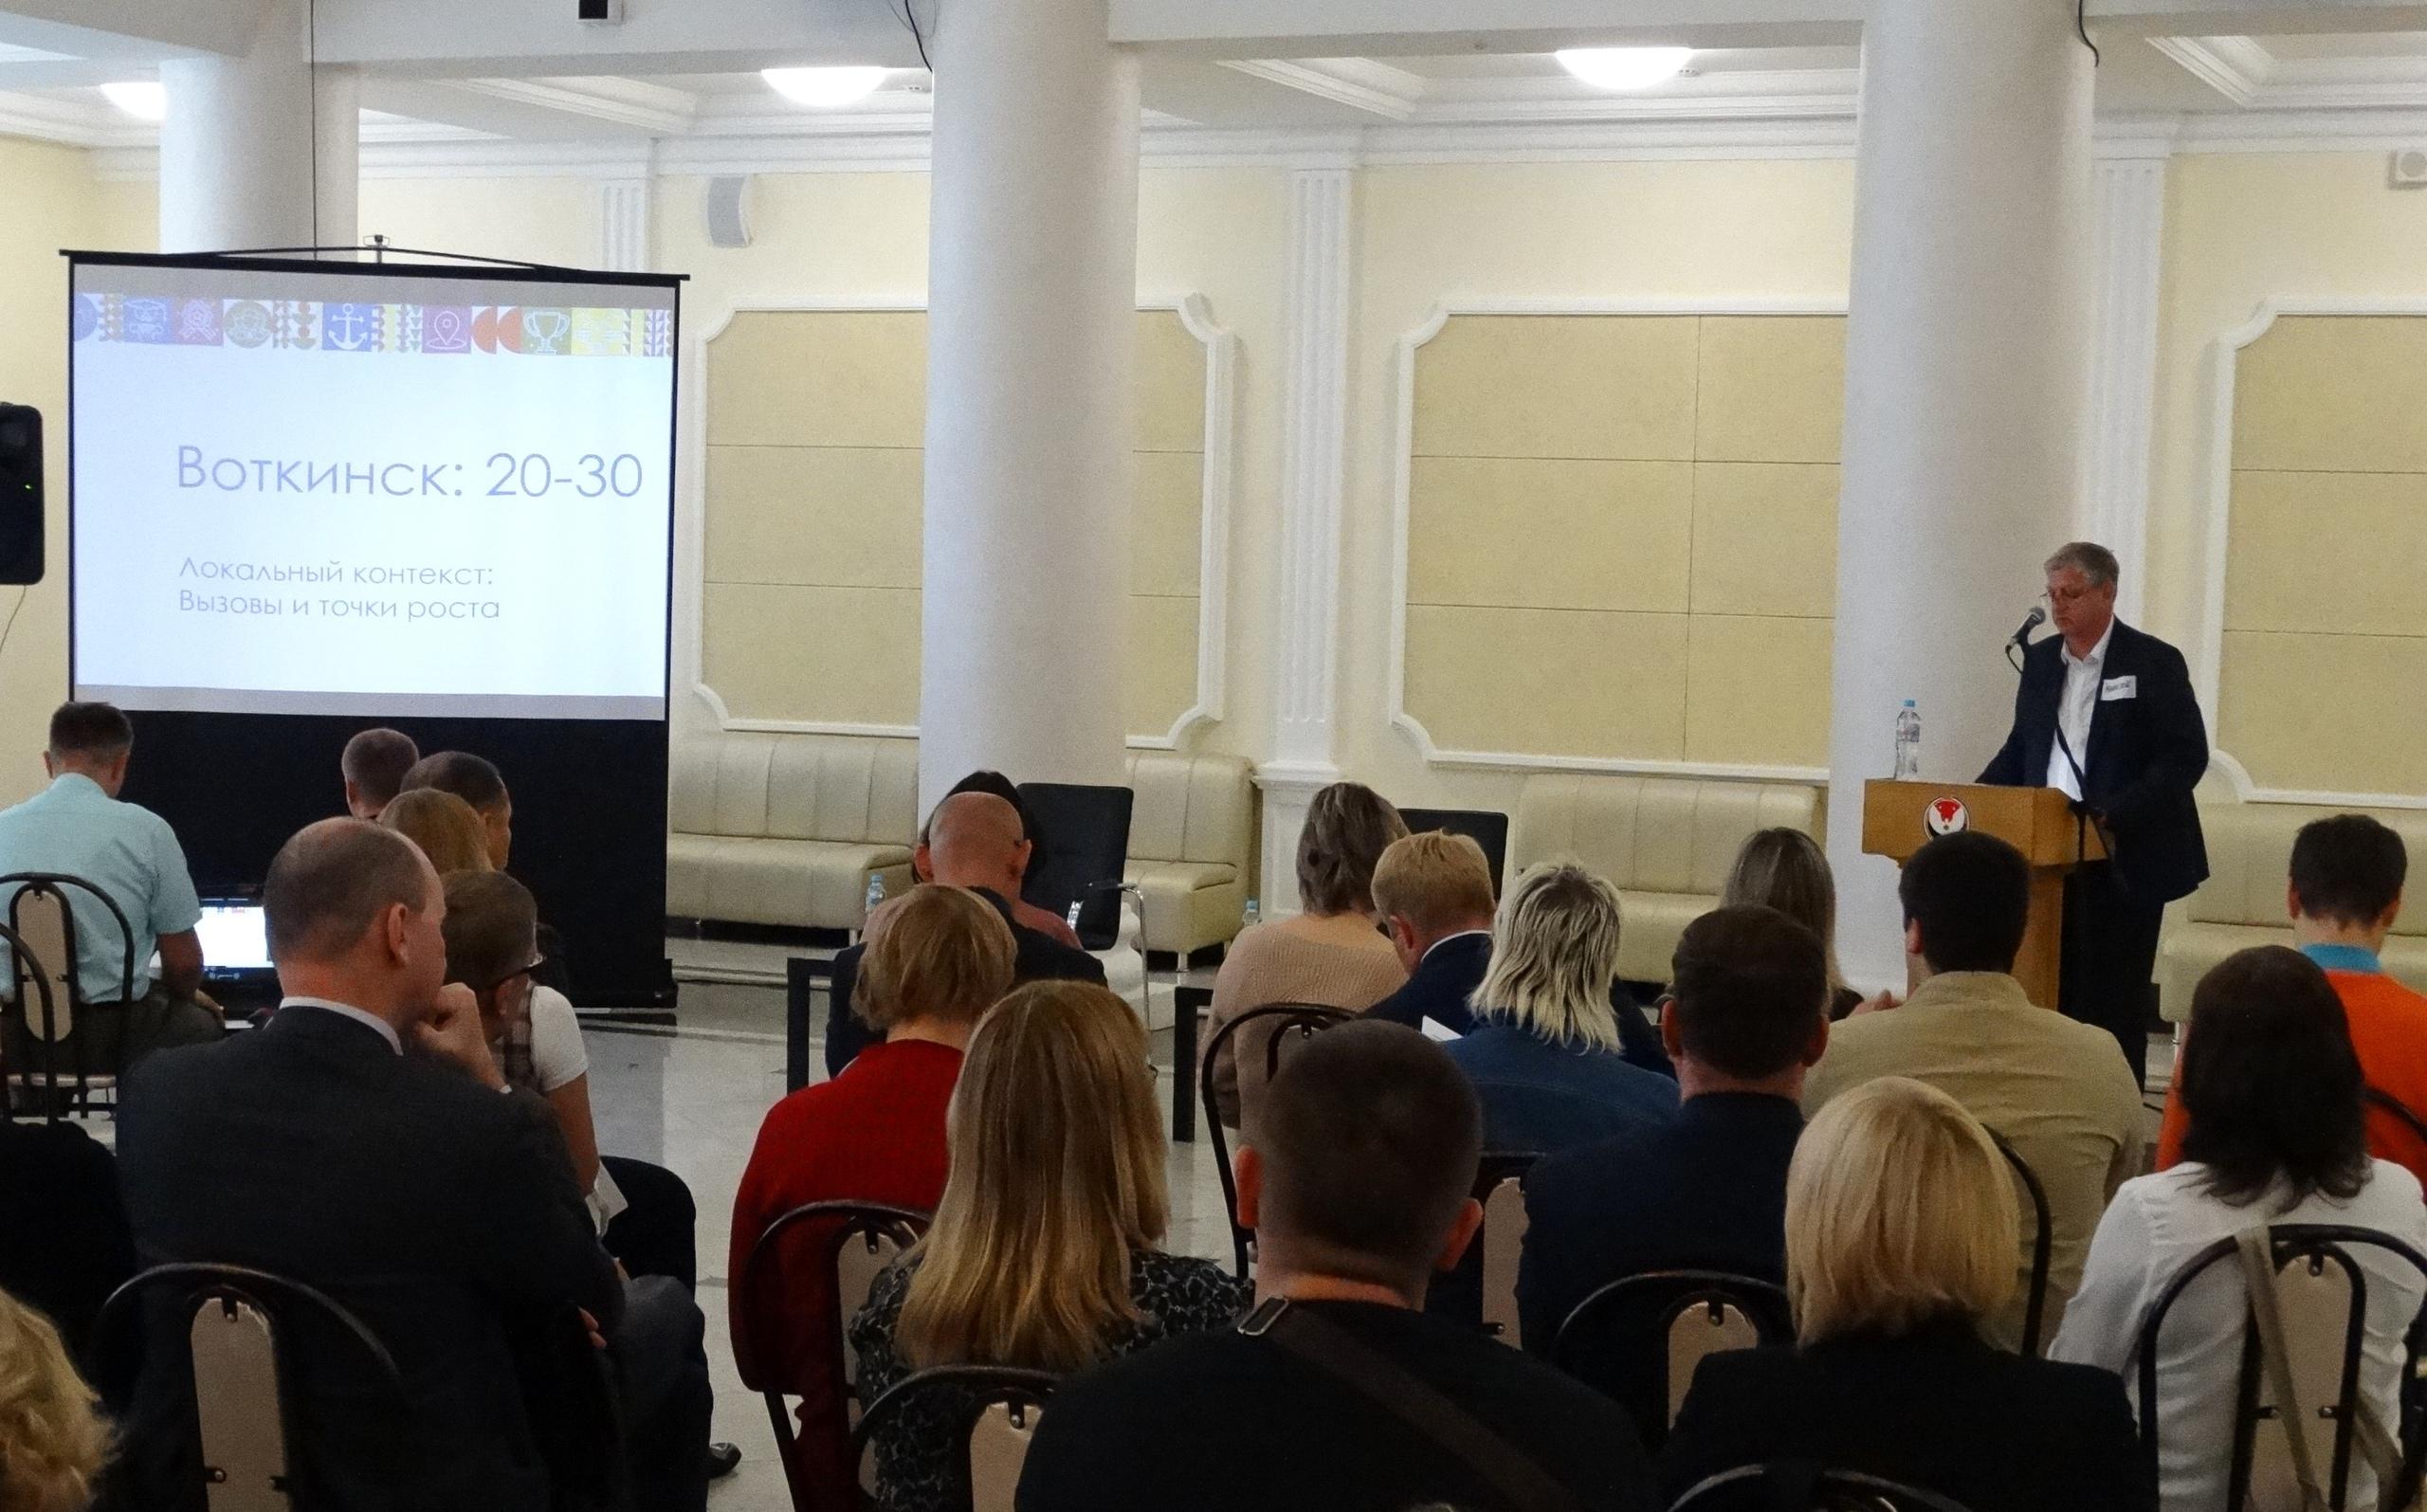 стратегическая сессия по социально-экономическому развитию Удмуртской Республики до 2030 г.